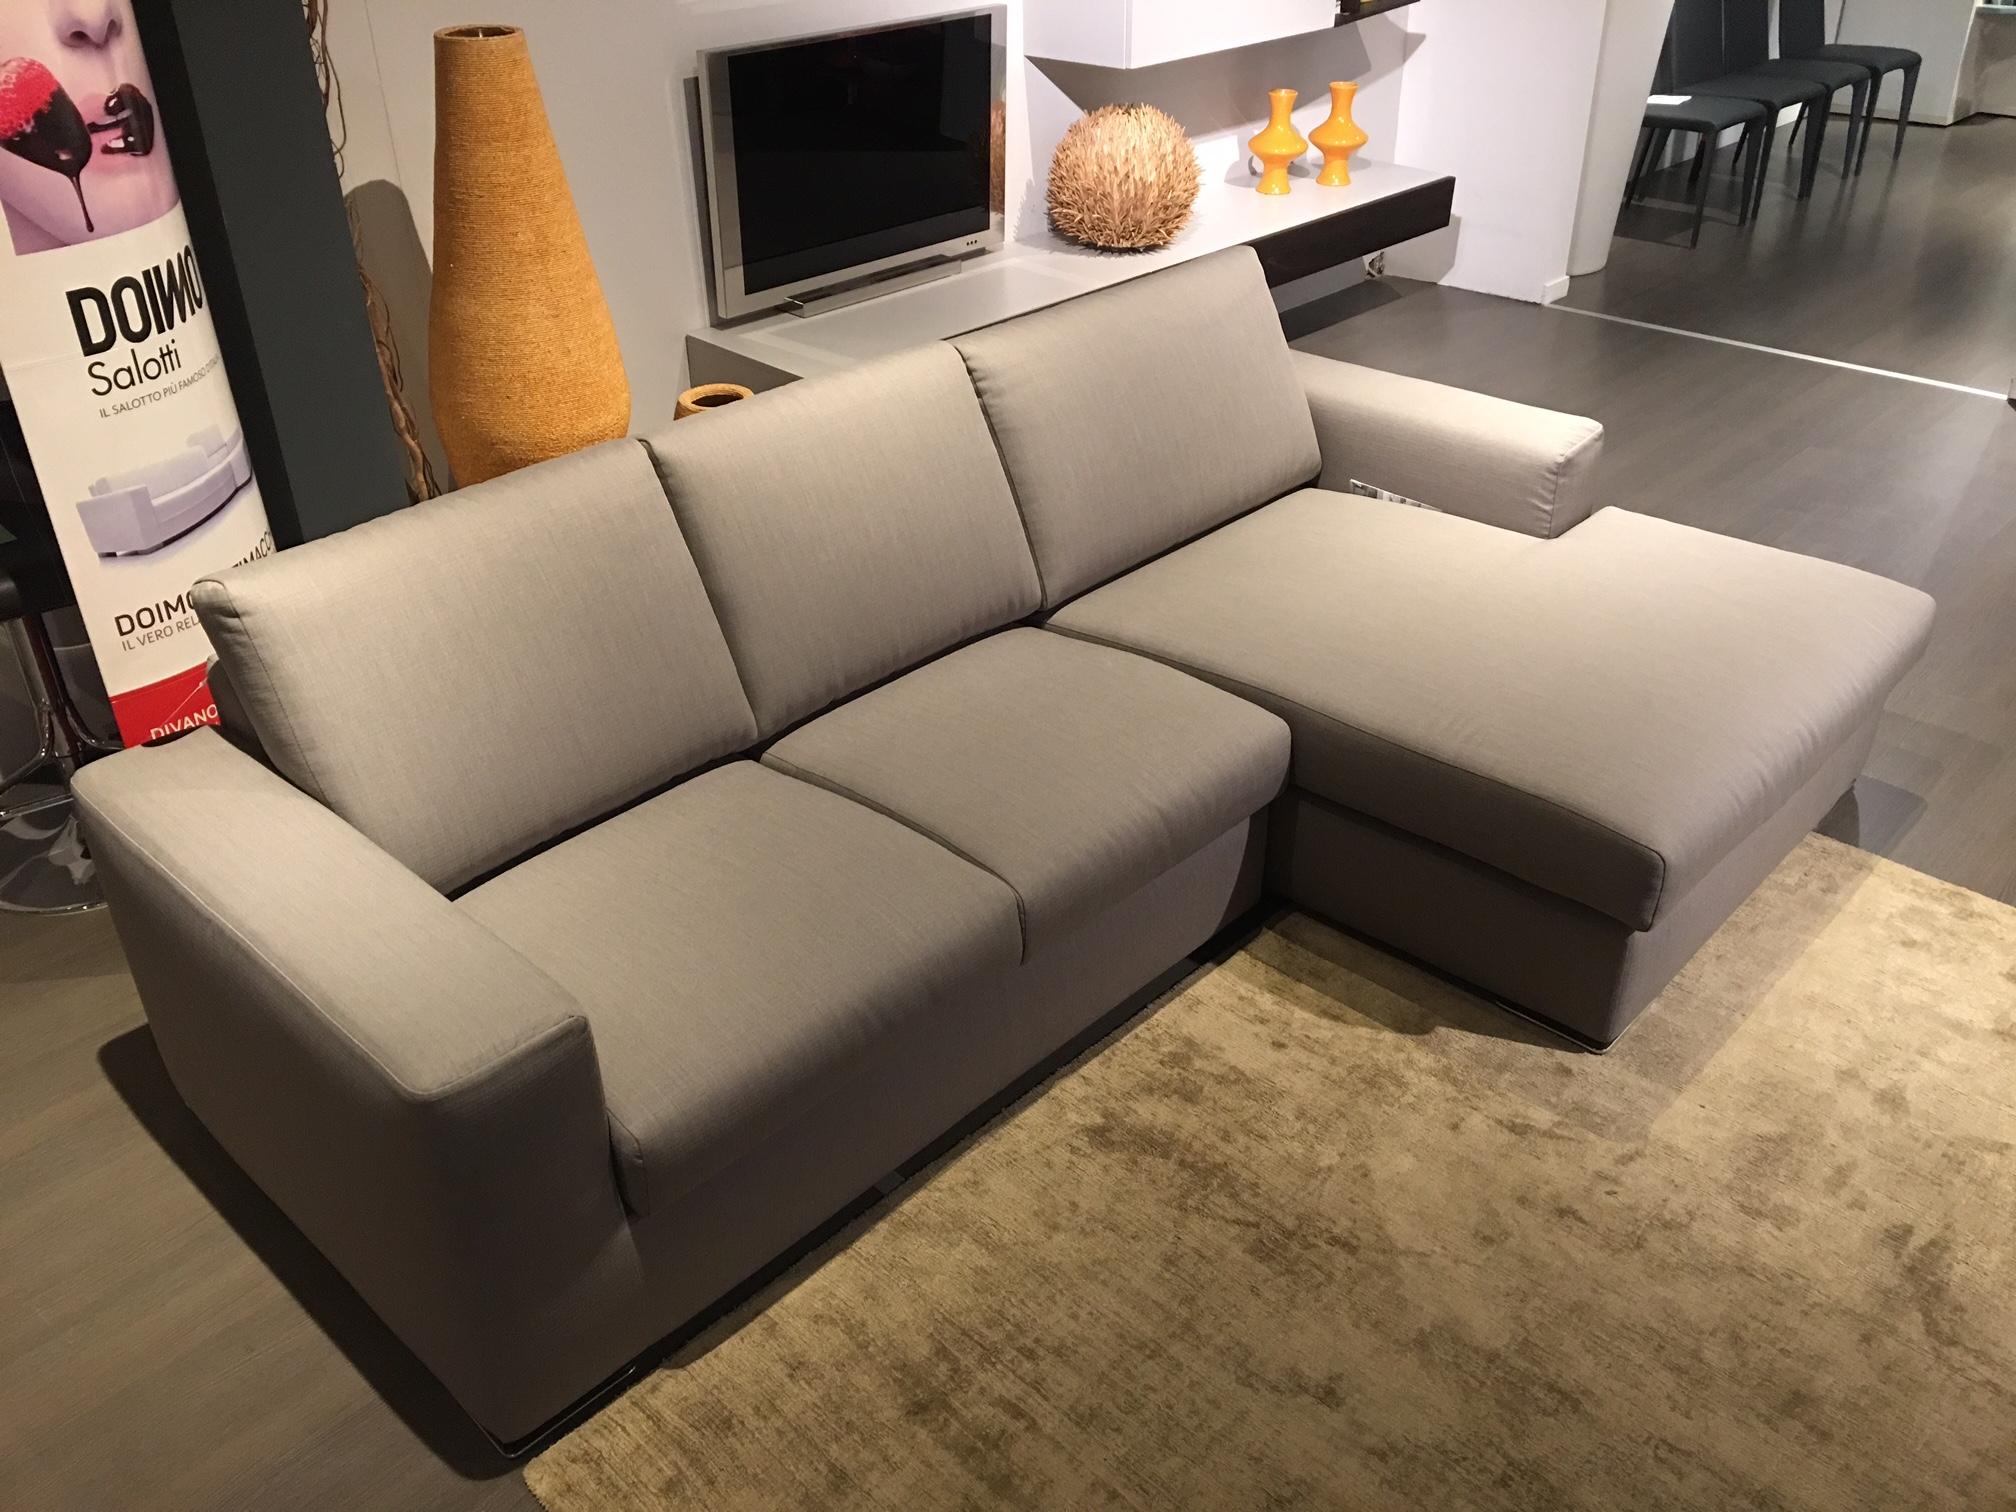 Doimo salotti divano alfred scontato del 60 divani a for Outlet divani